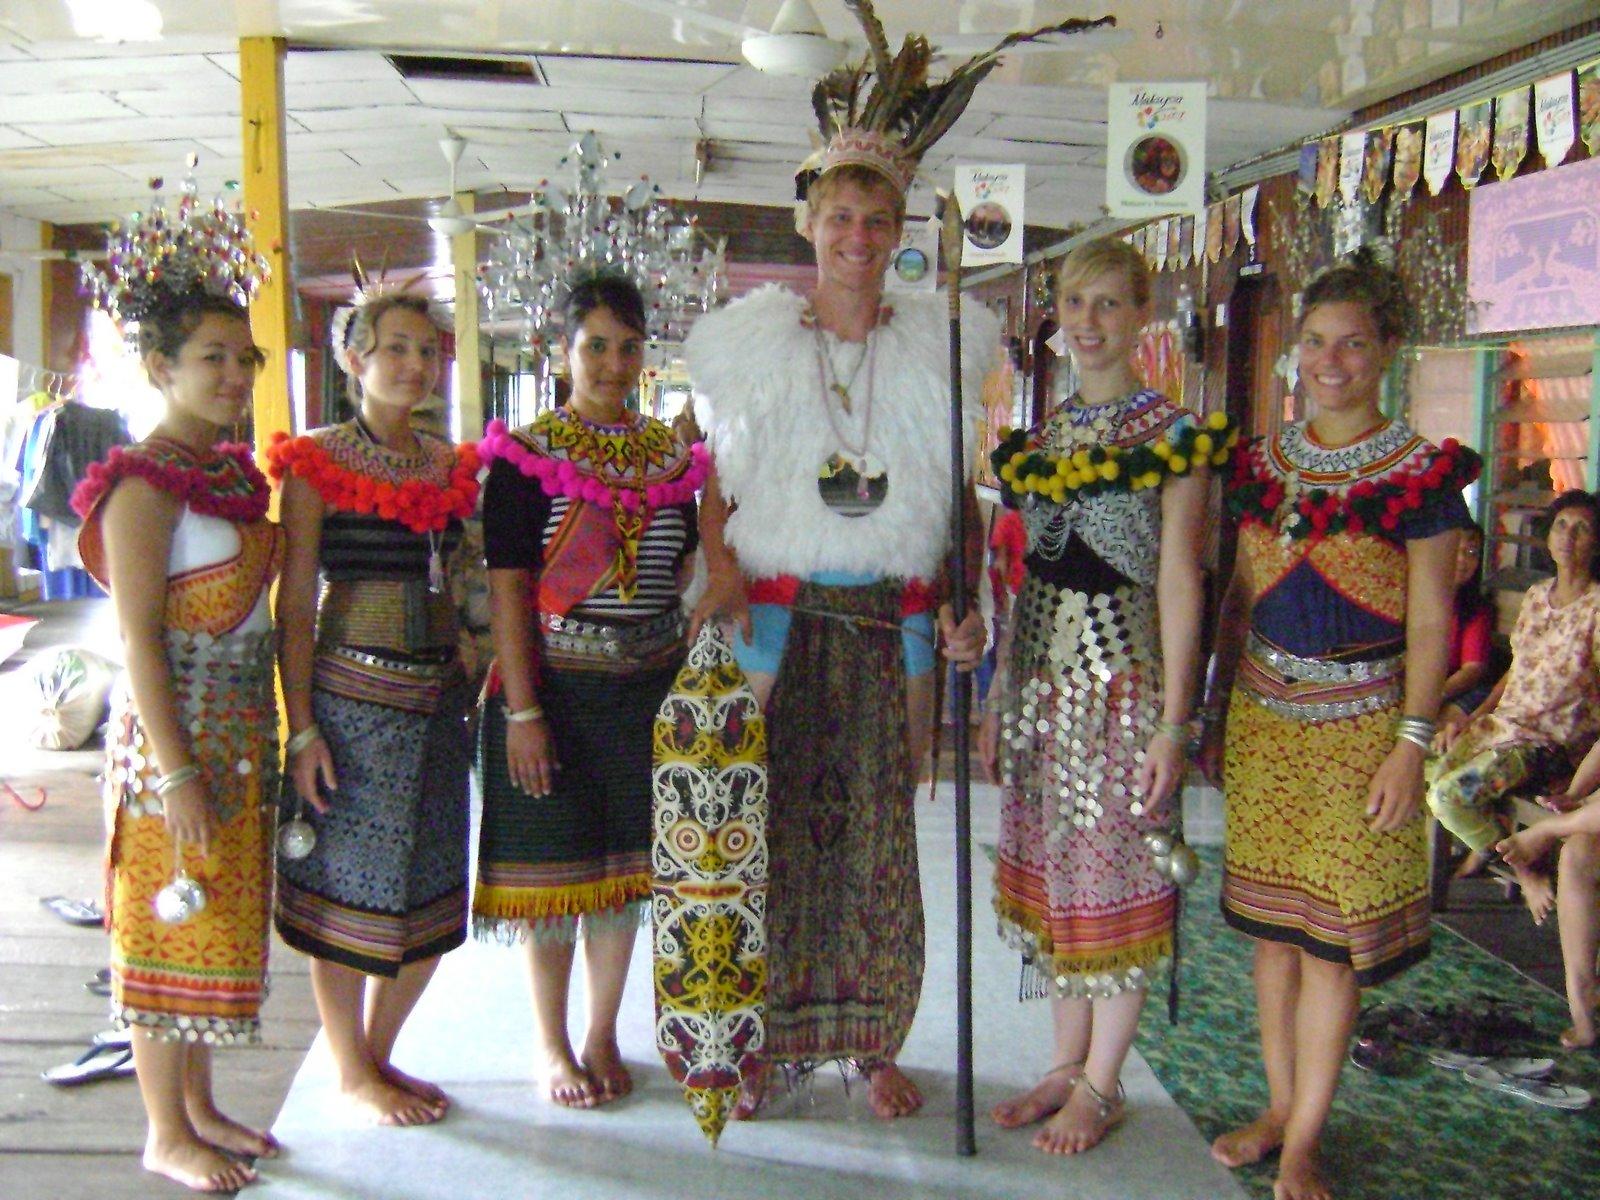 https://4.bp.blogspot.com/_Kzagta4Jpcg/S9oY0eYaz9I/AAAAAAAAAAU/qcwnSWpaDtw/s1600/Iban_costumes_of_sibu.JPG